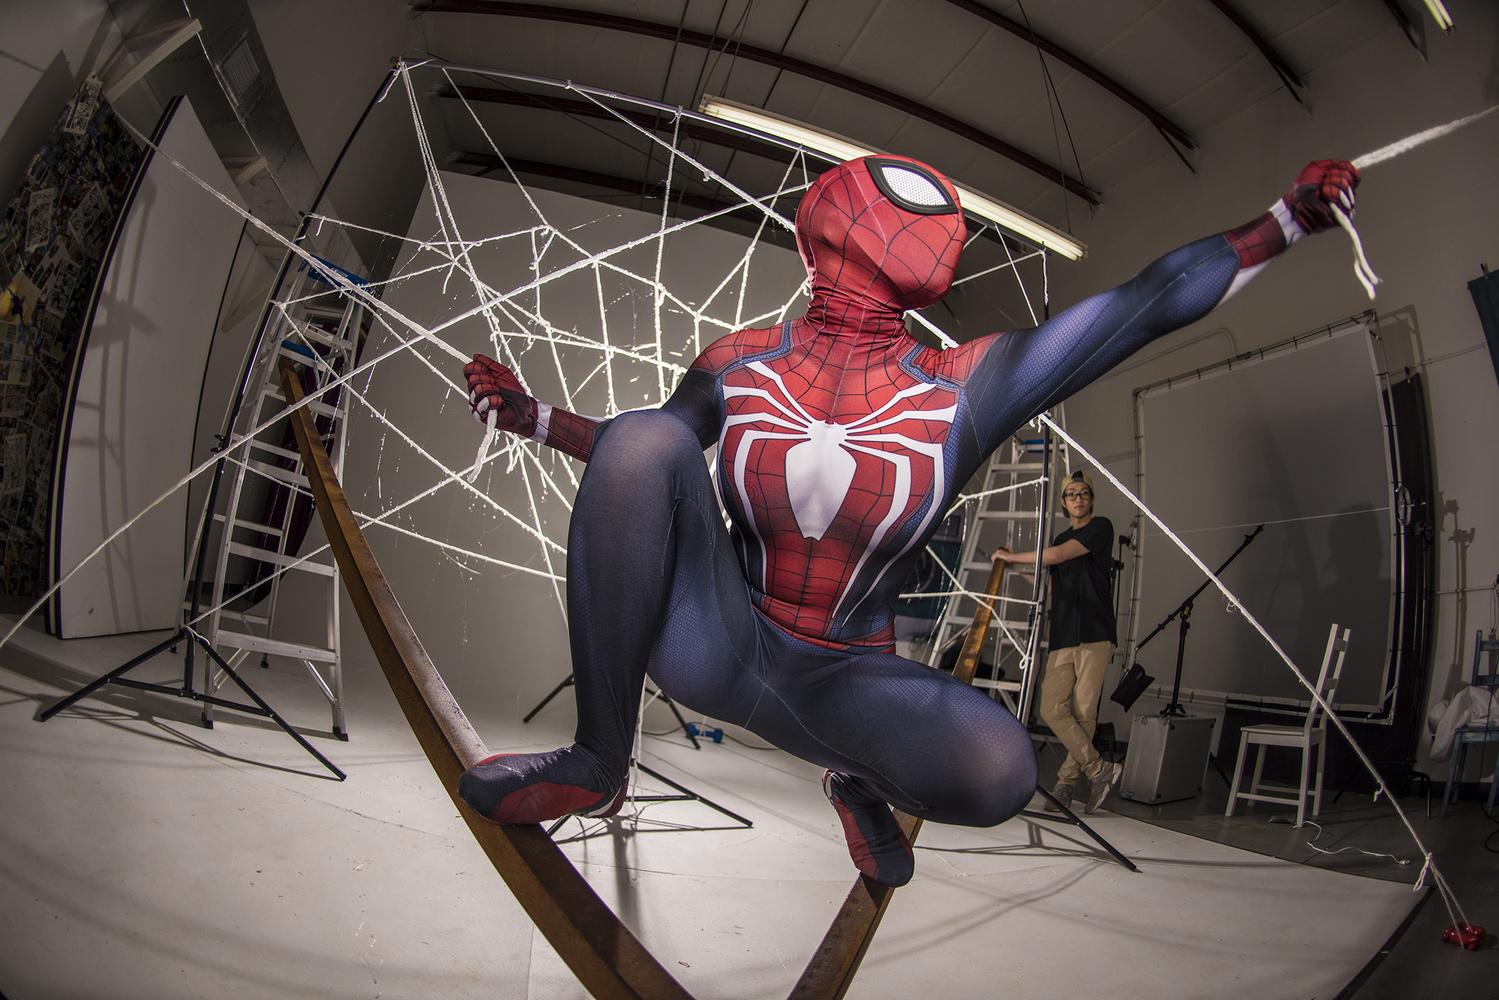 Spider-Man Cosplay BTS by Richard Johnson